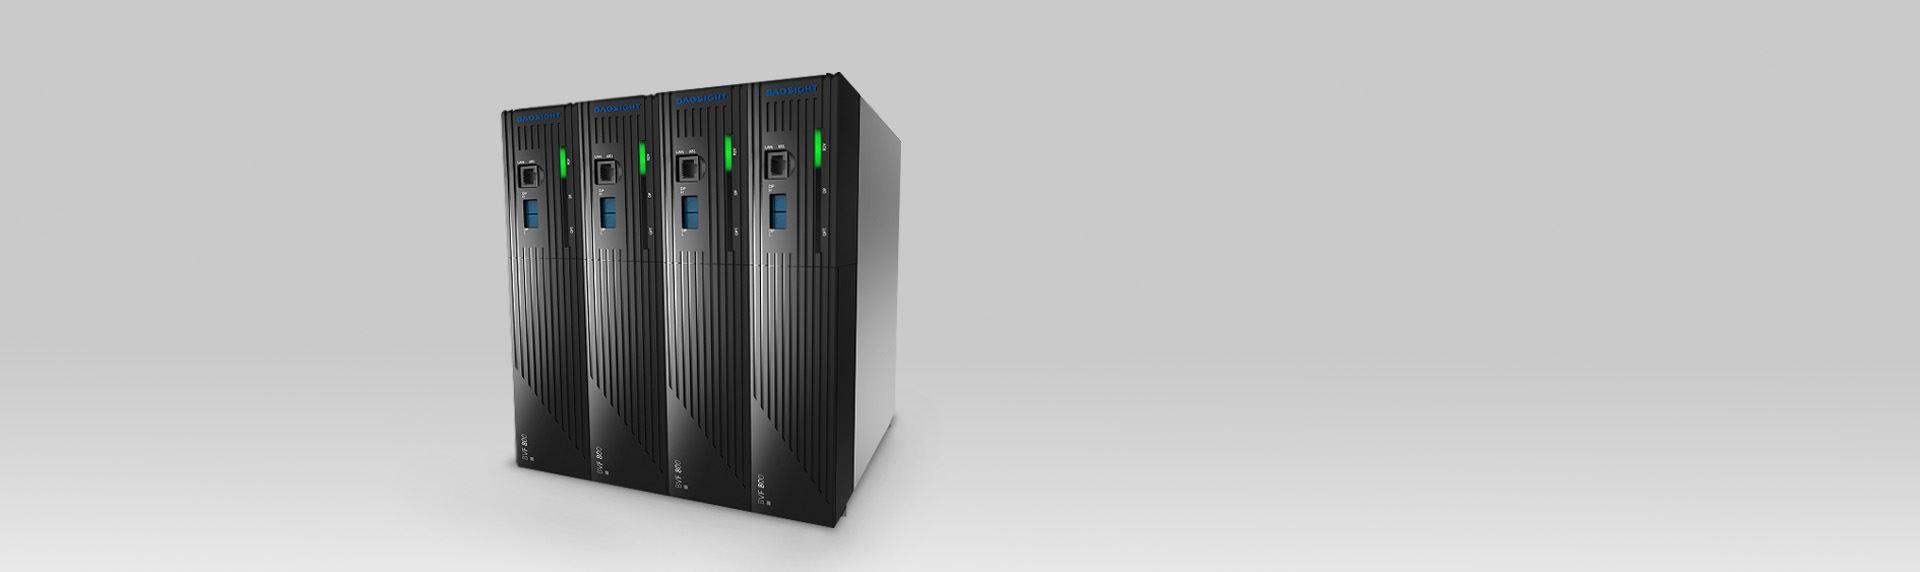 全网科技-控制终端机箱 工业设计